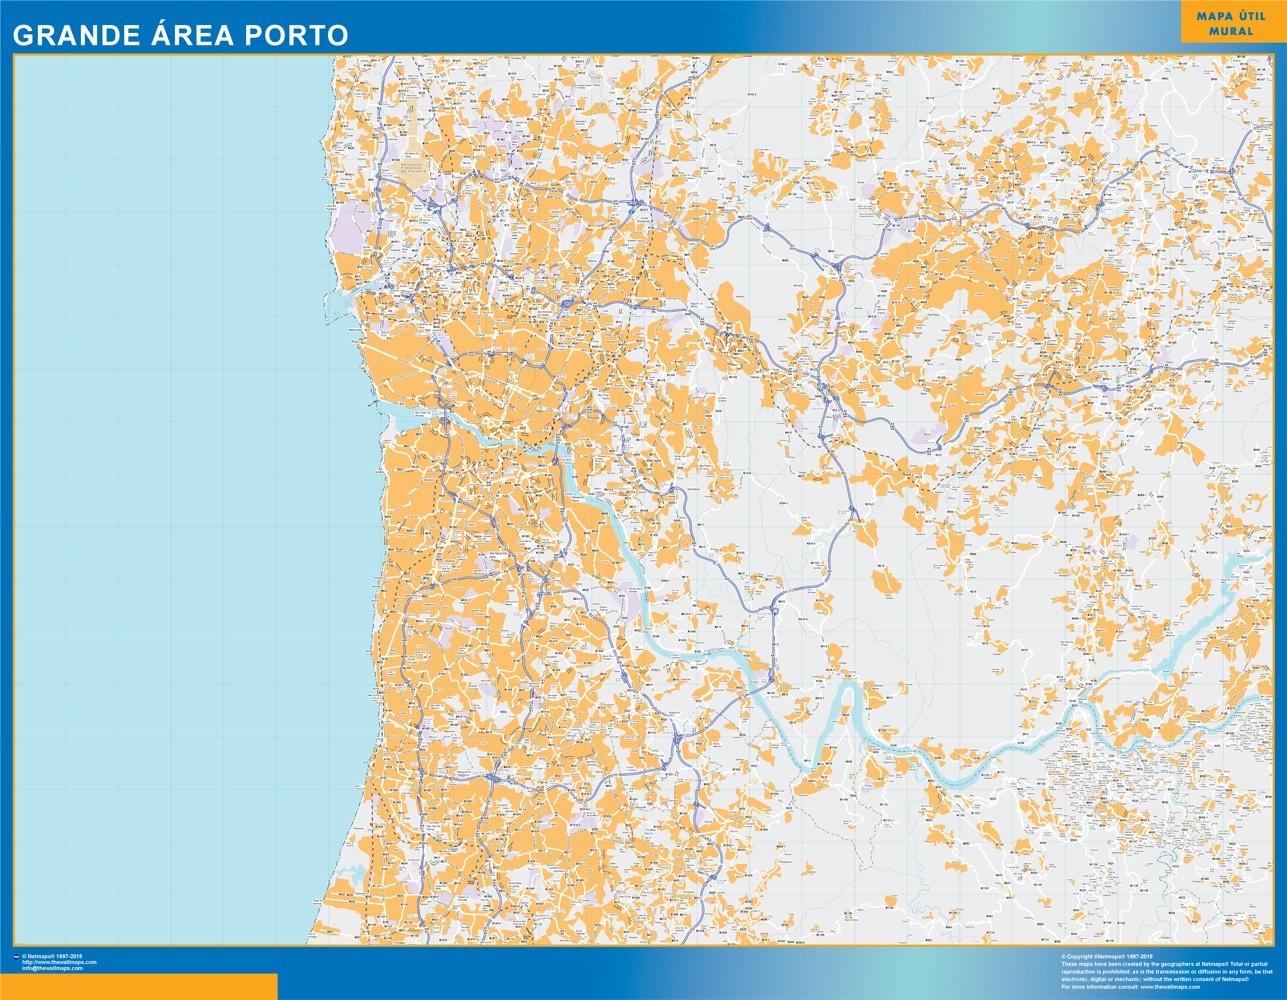 Mapa Porto Grande Area